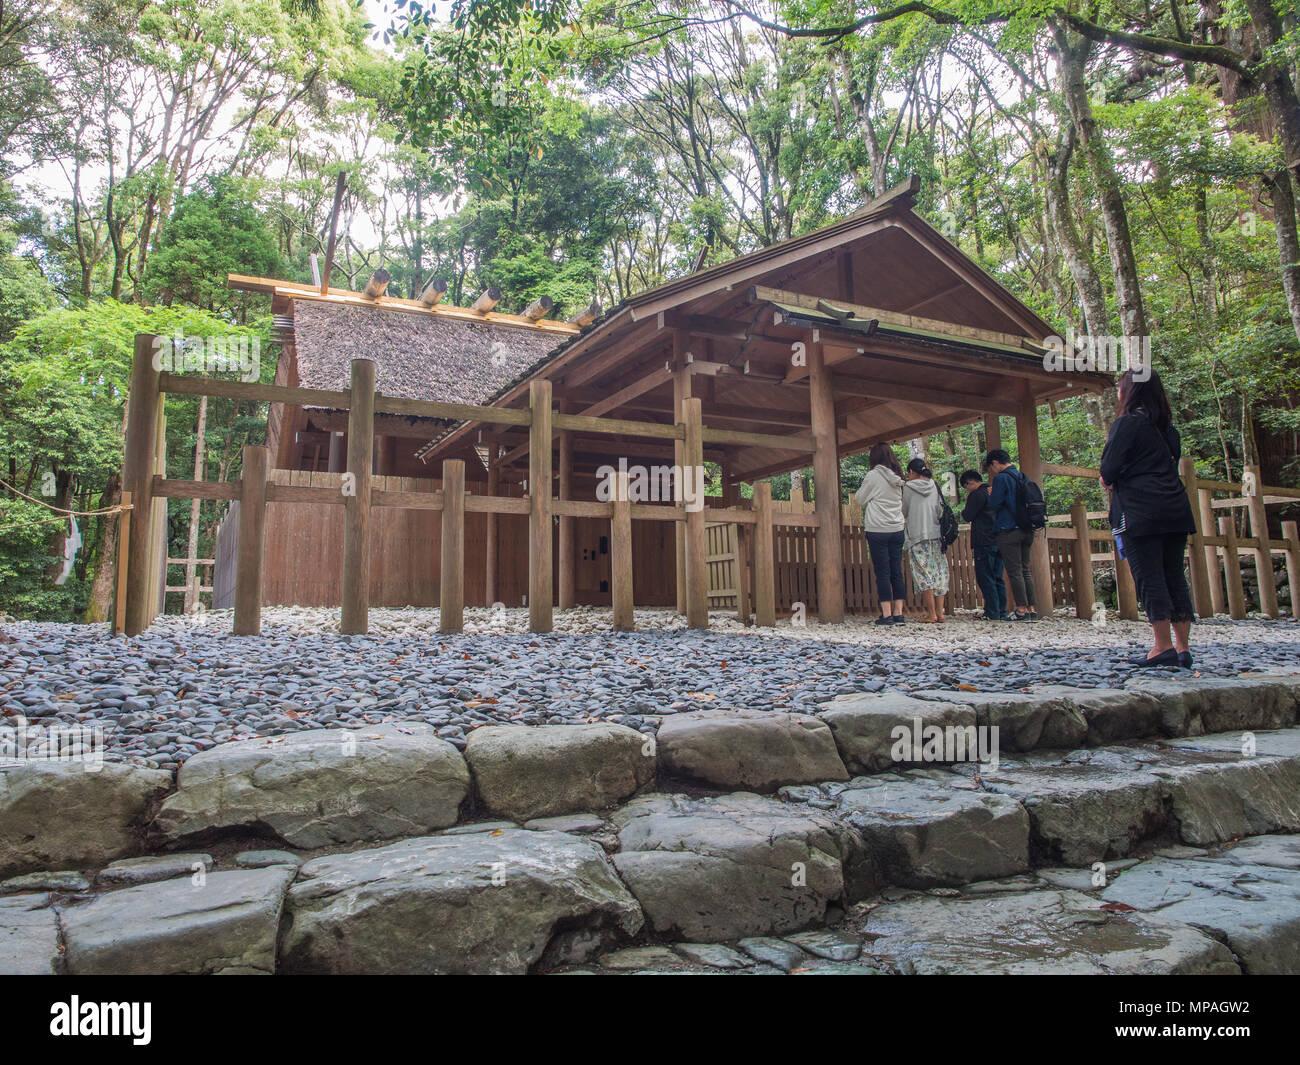 People praying at Aramatsuri-no-miya subordinate shrine, Naiku, Ise Jingu, Mie, Japan - Stock Image